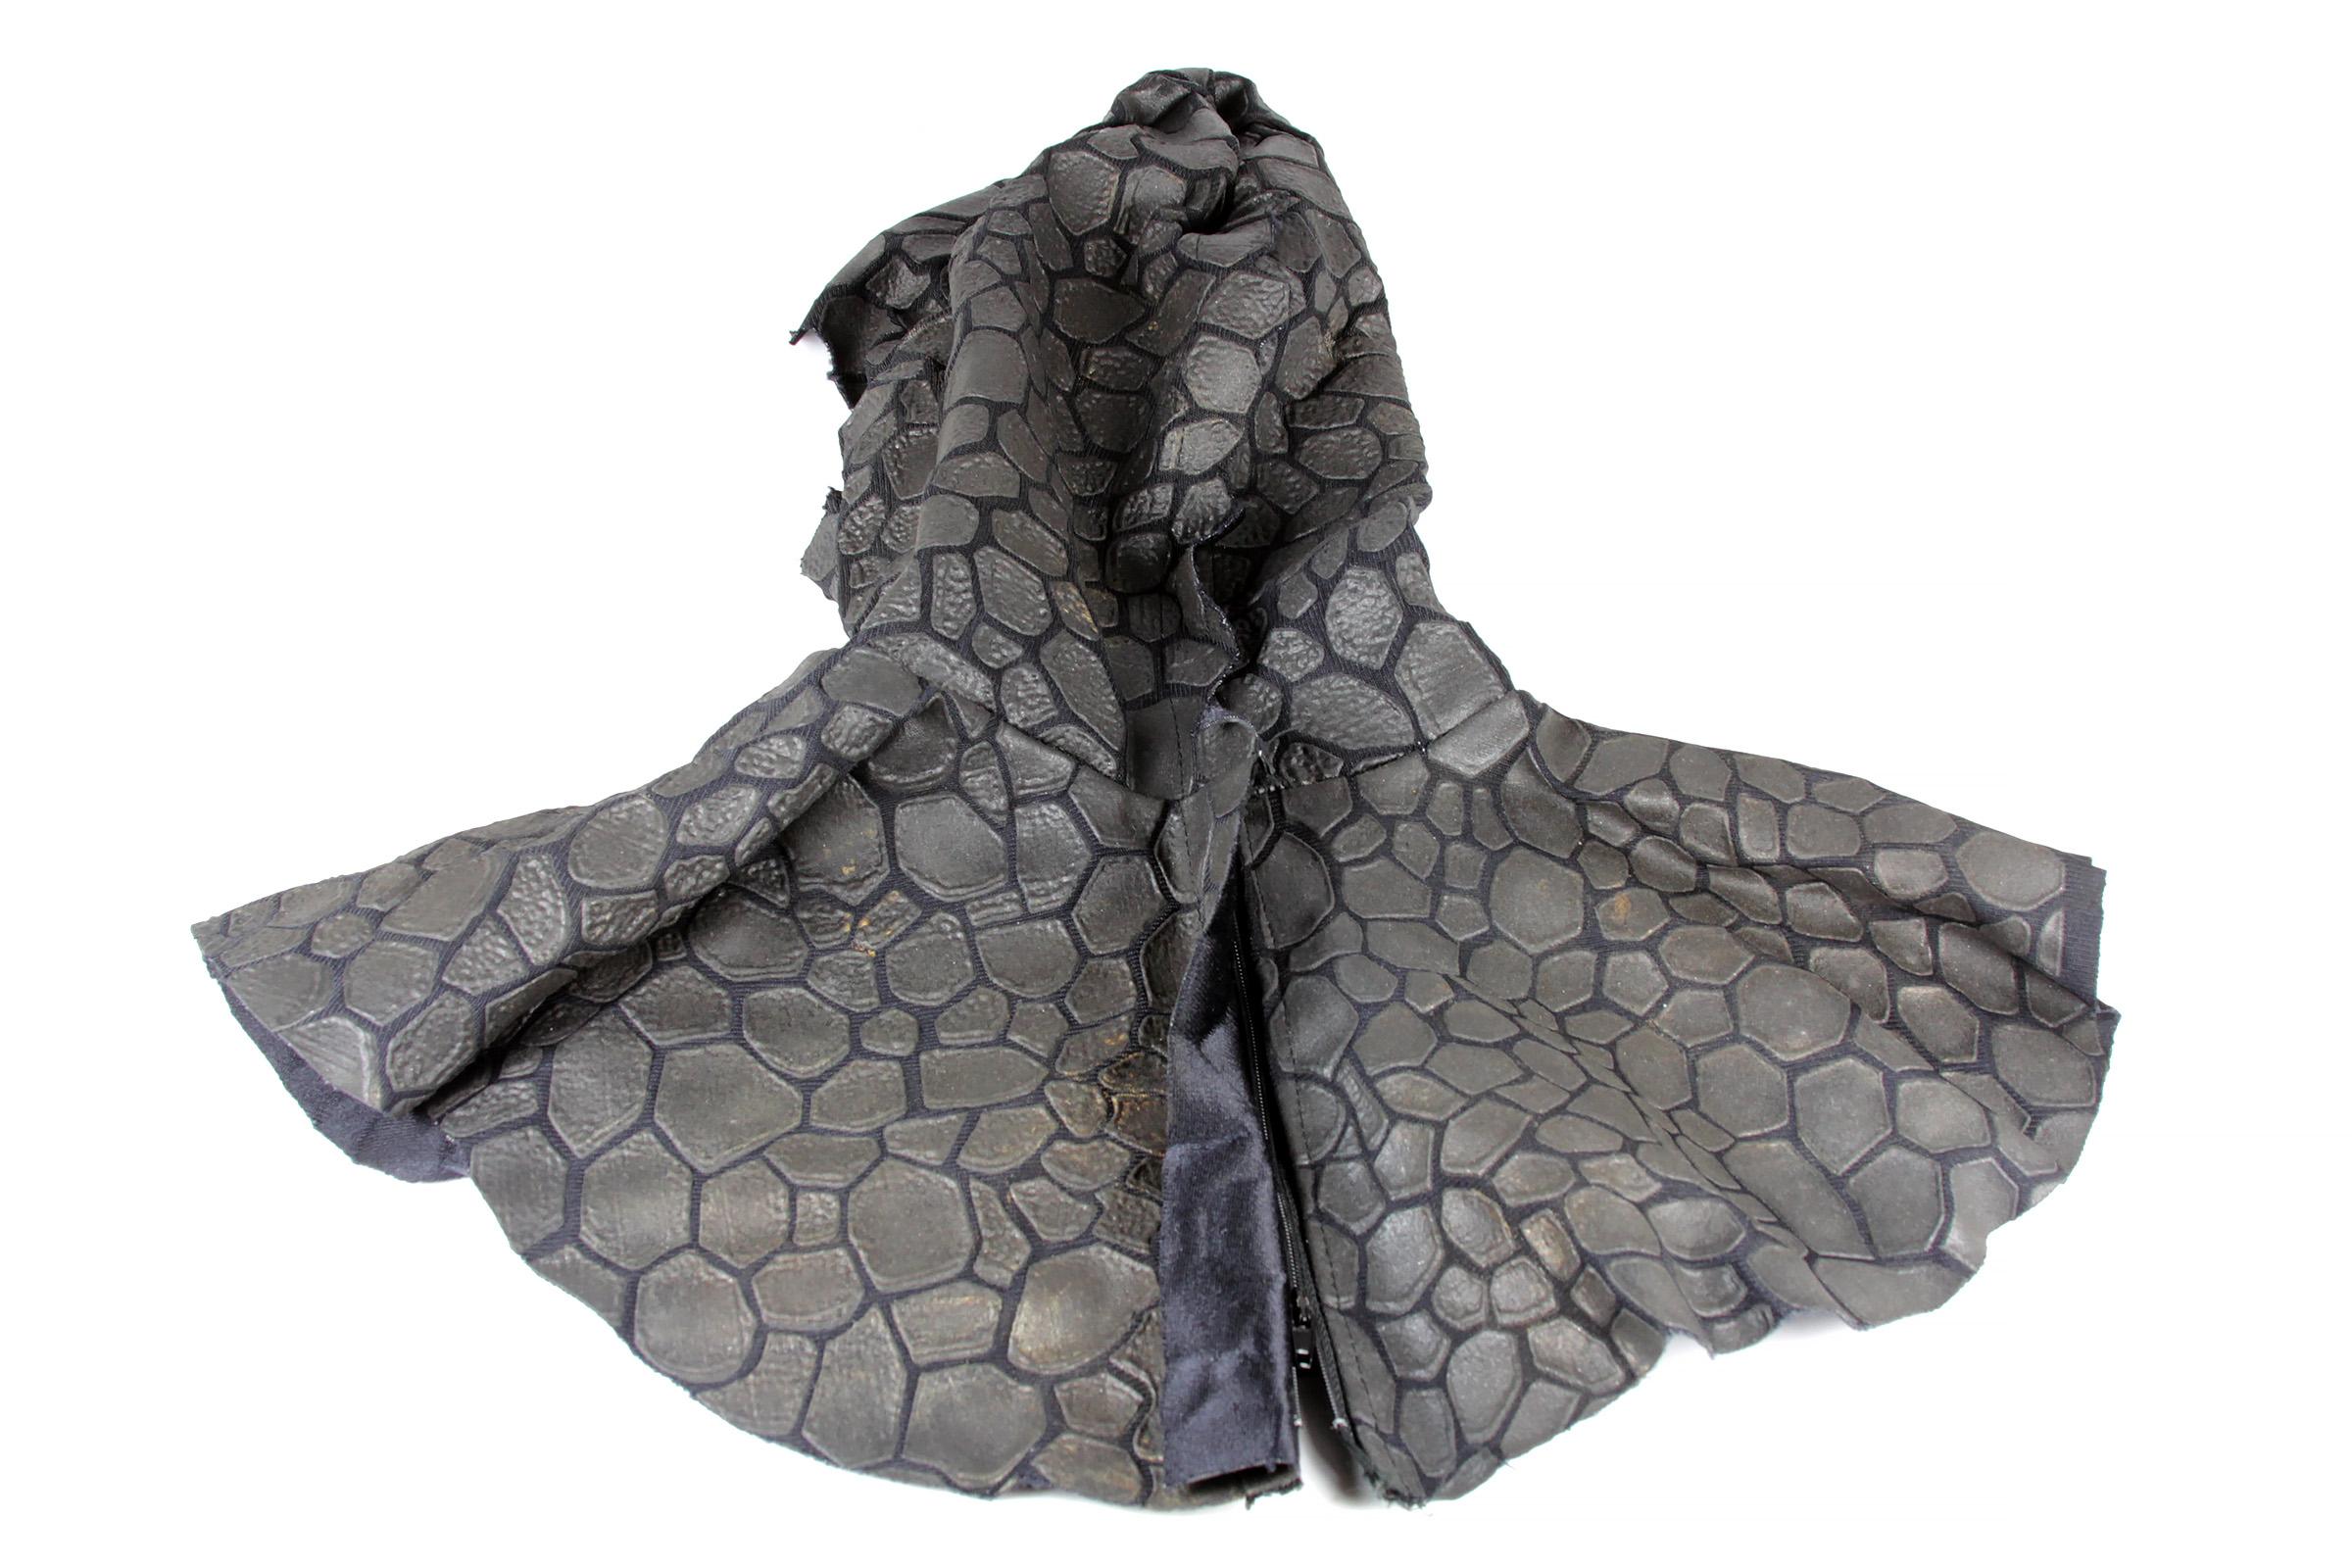 Female Necromonger Convert Costume - Hood